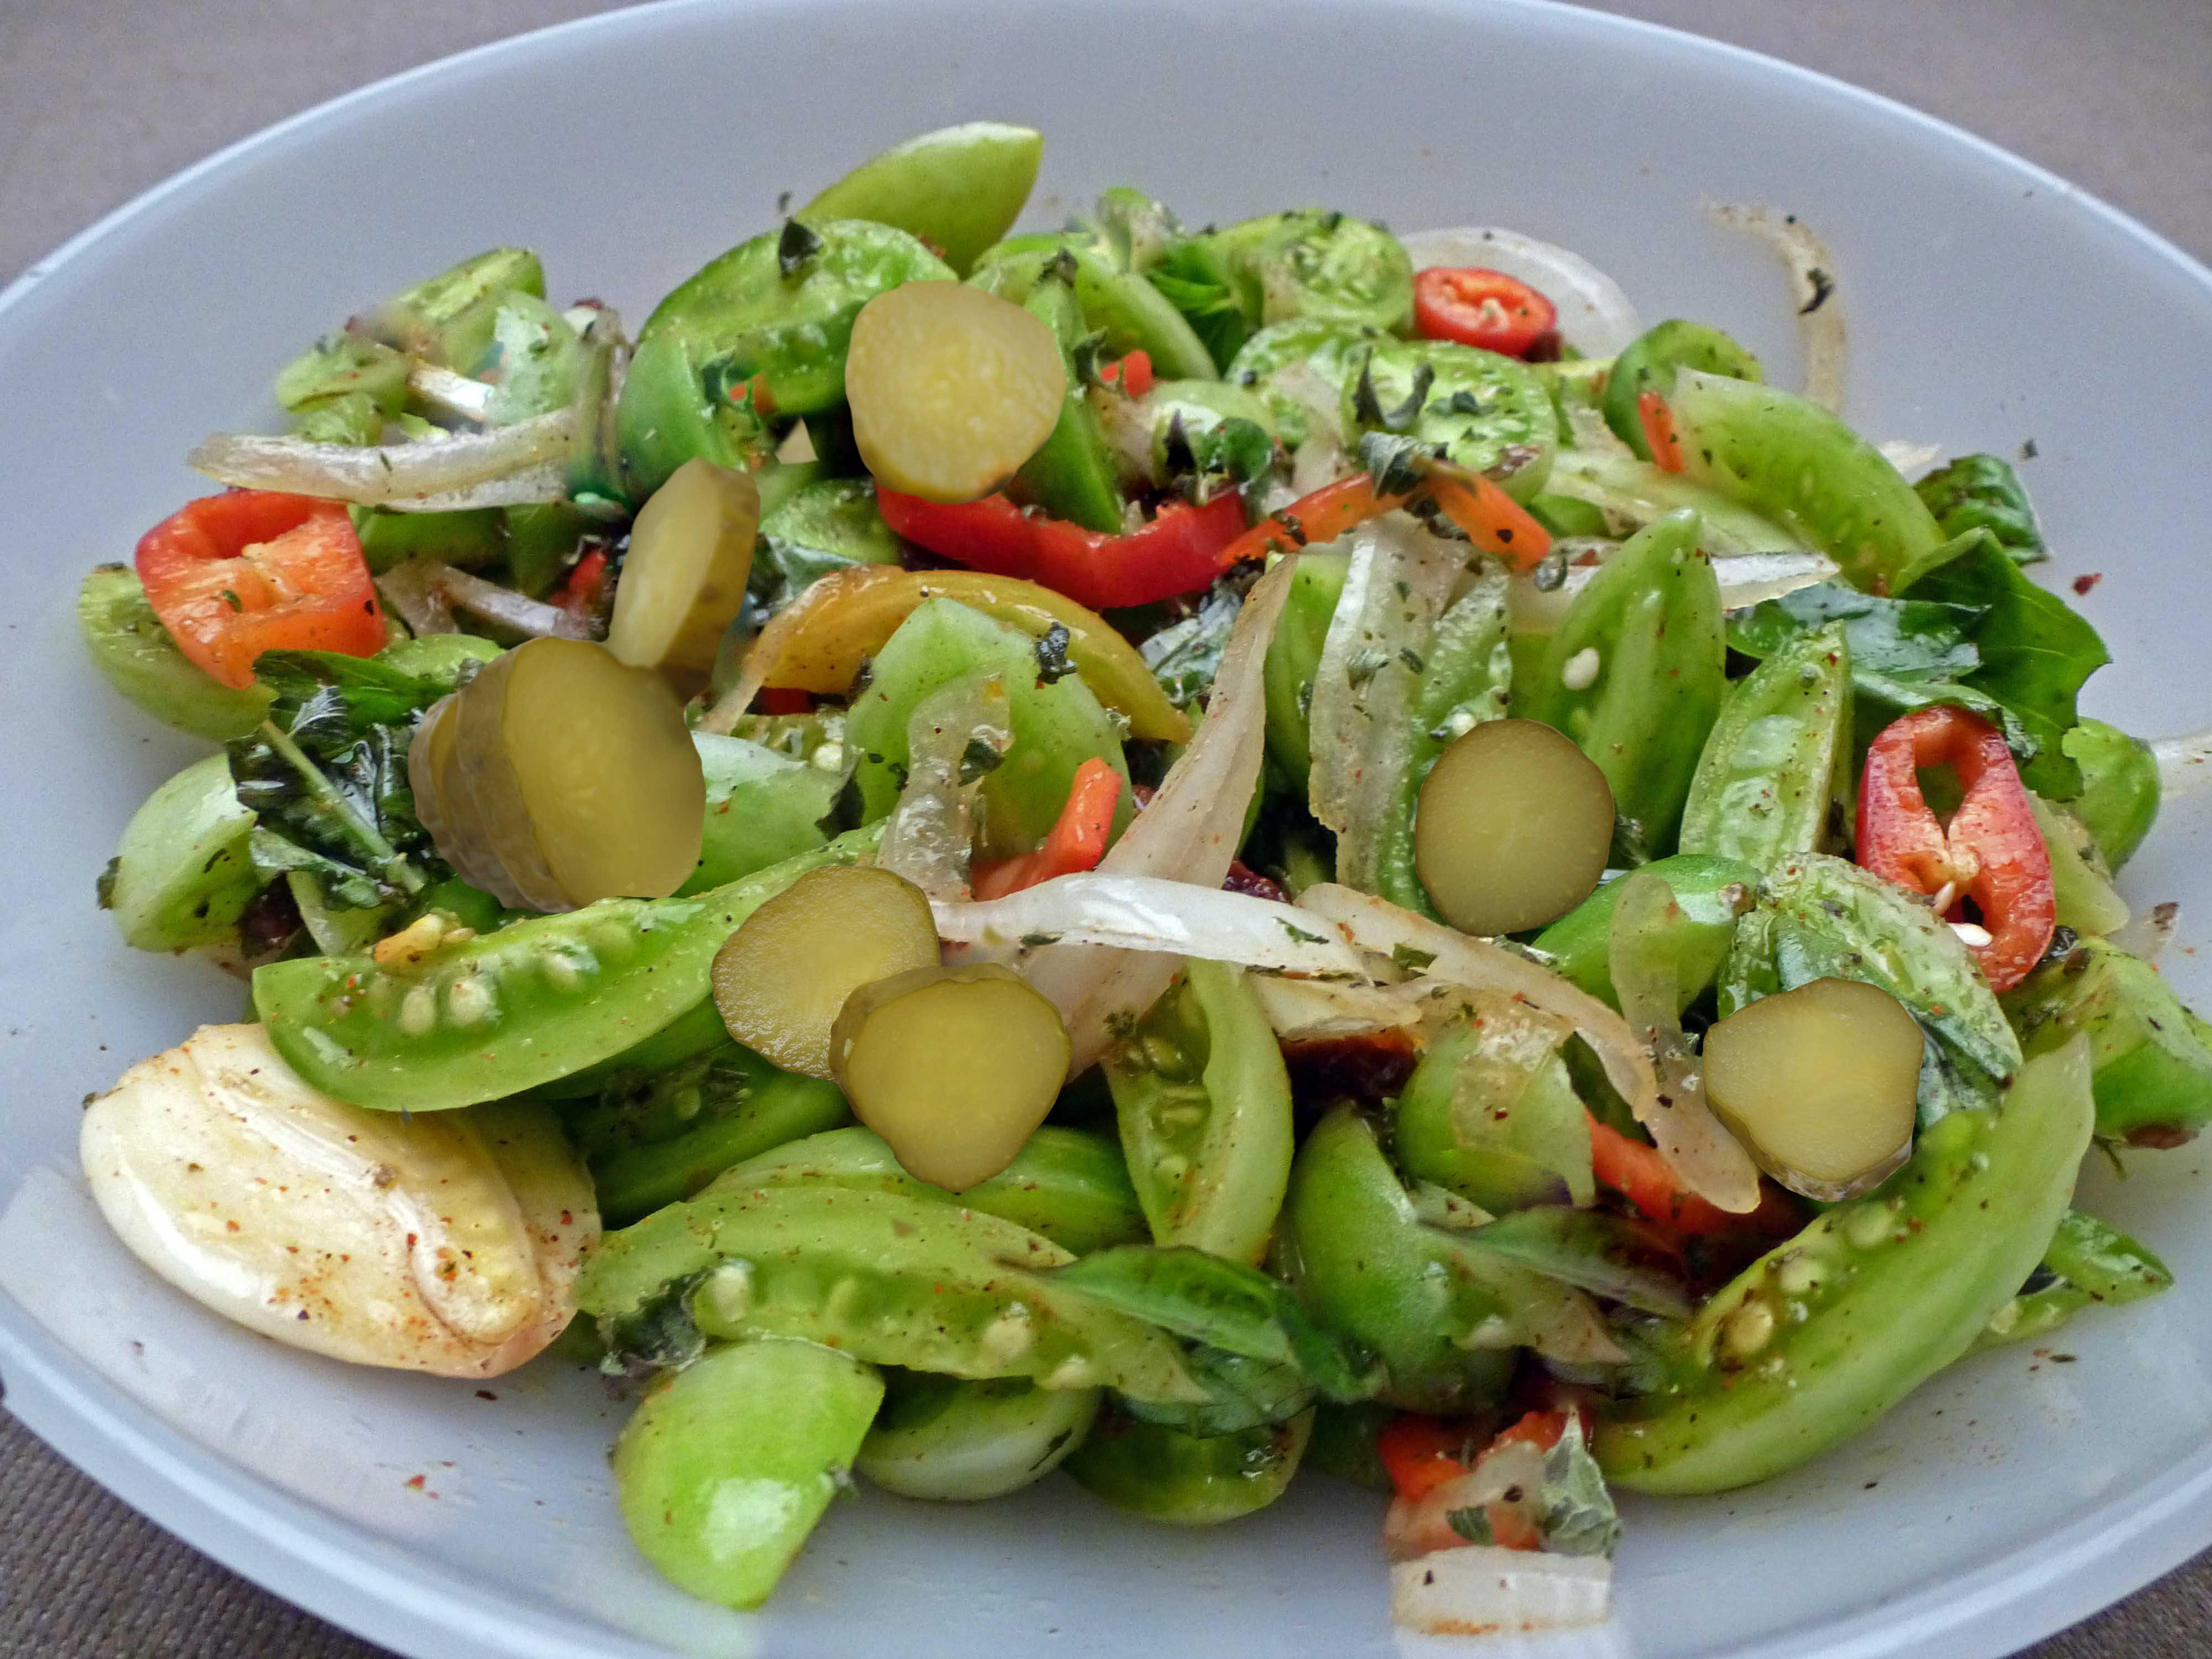 Kornişon Turşulu Yeşil Domates Yemeği